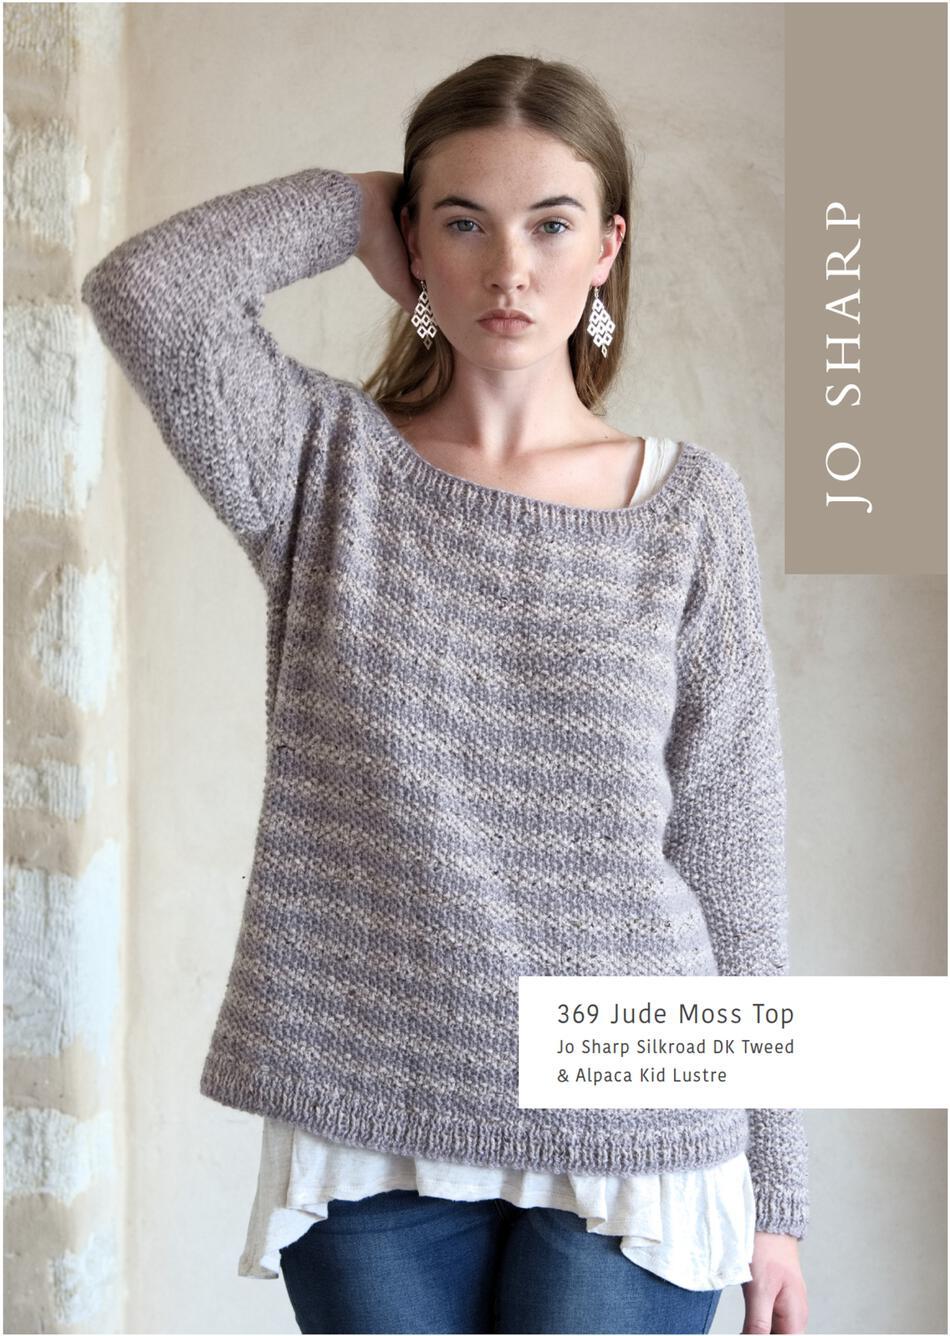 0620080fa Jo Sharp Jude Moss Top Sweater - Printed Pattern Knitting Pattern